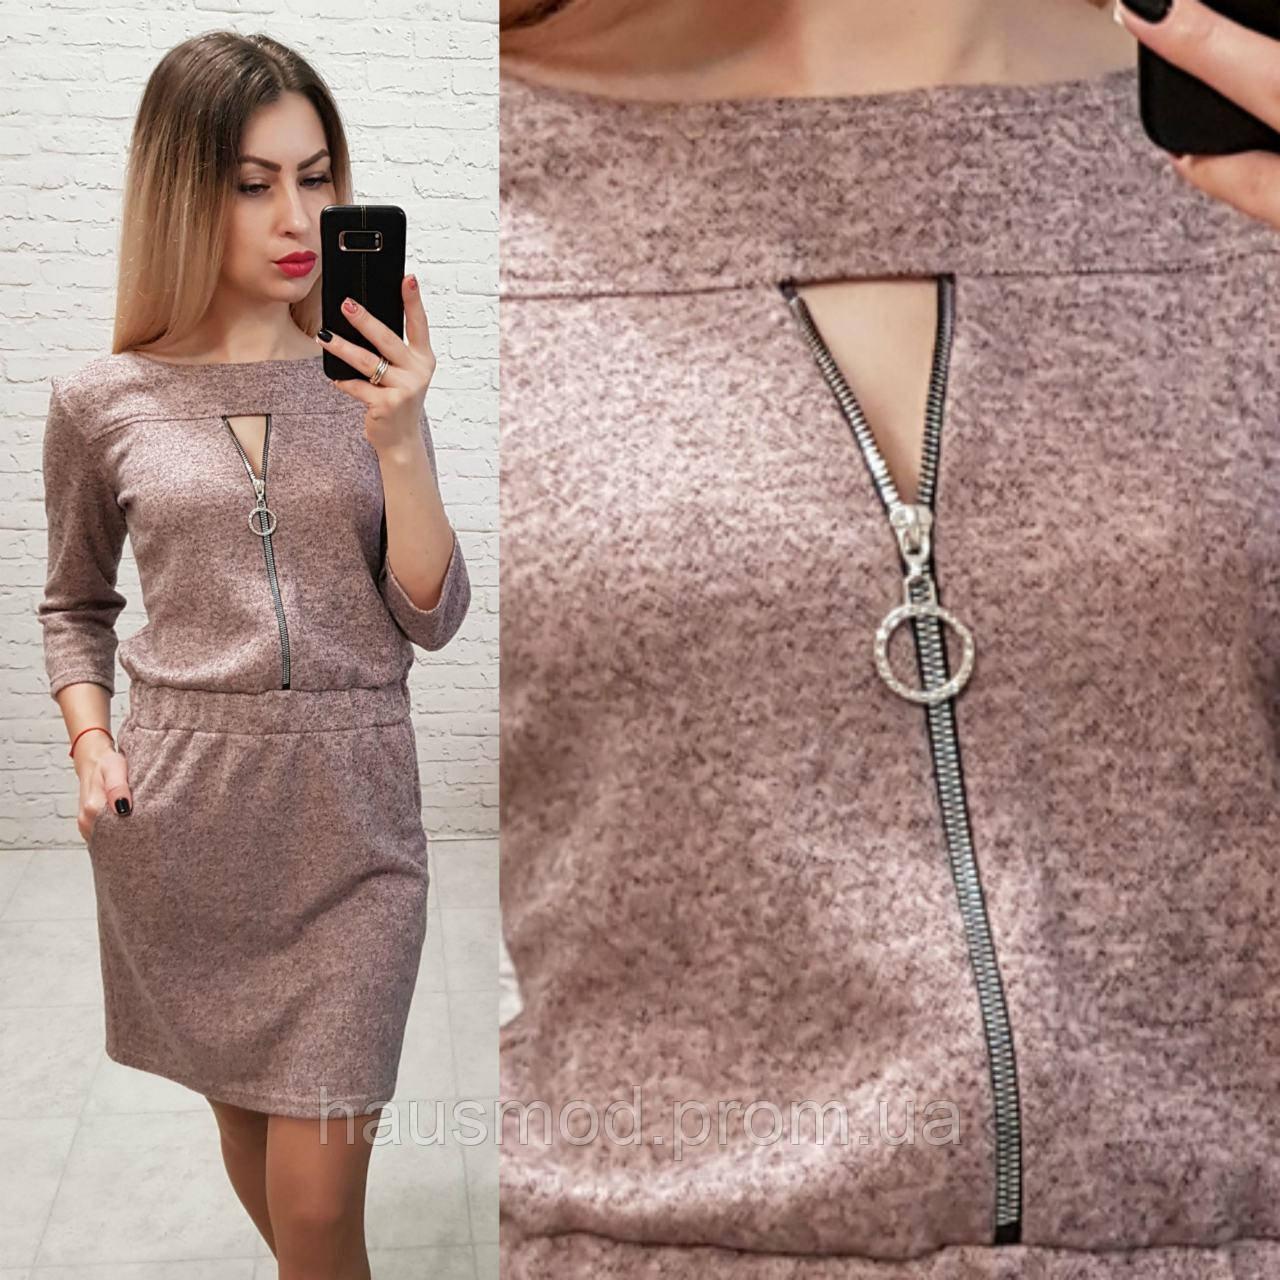 Женское платье молния декольте ткань трикотаж меланж цвет бежевый